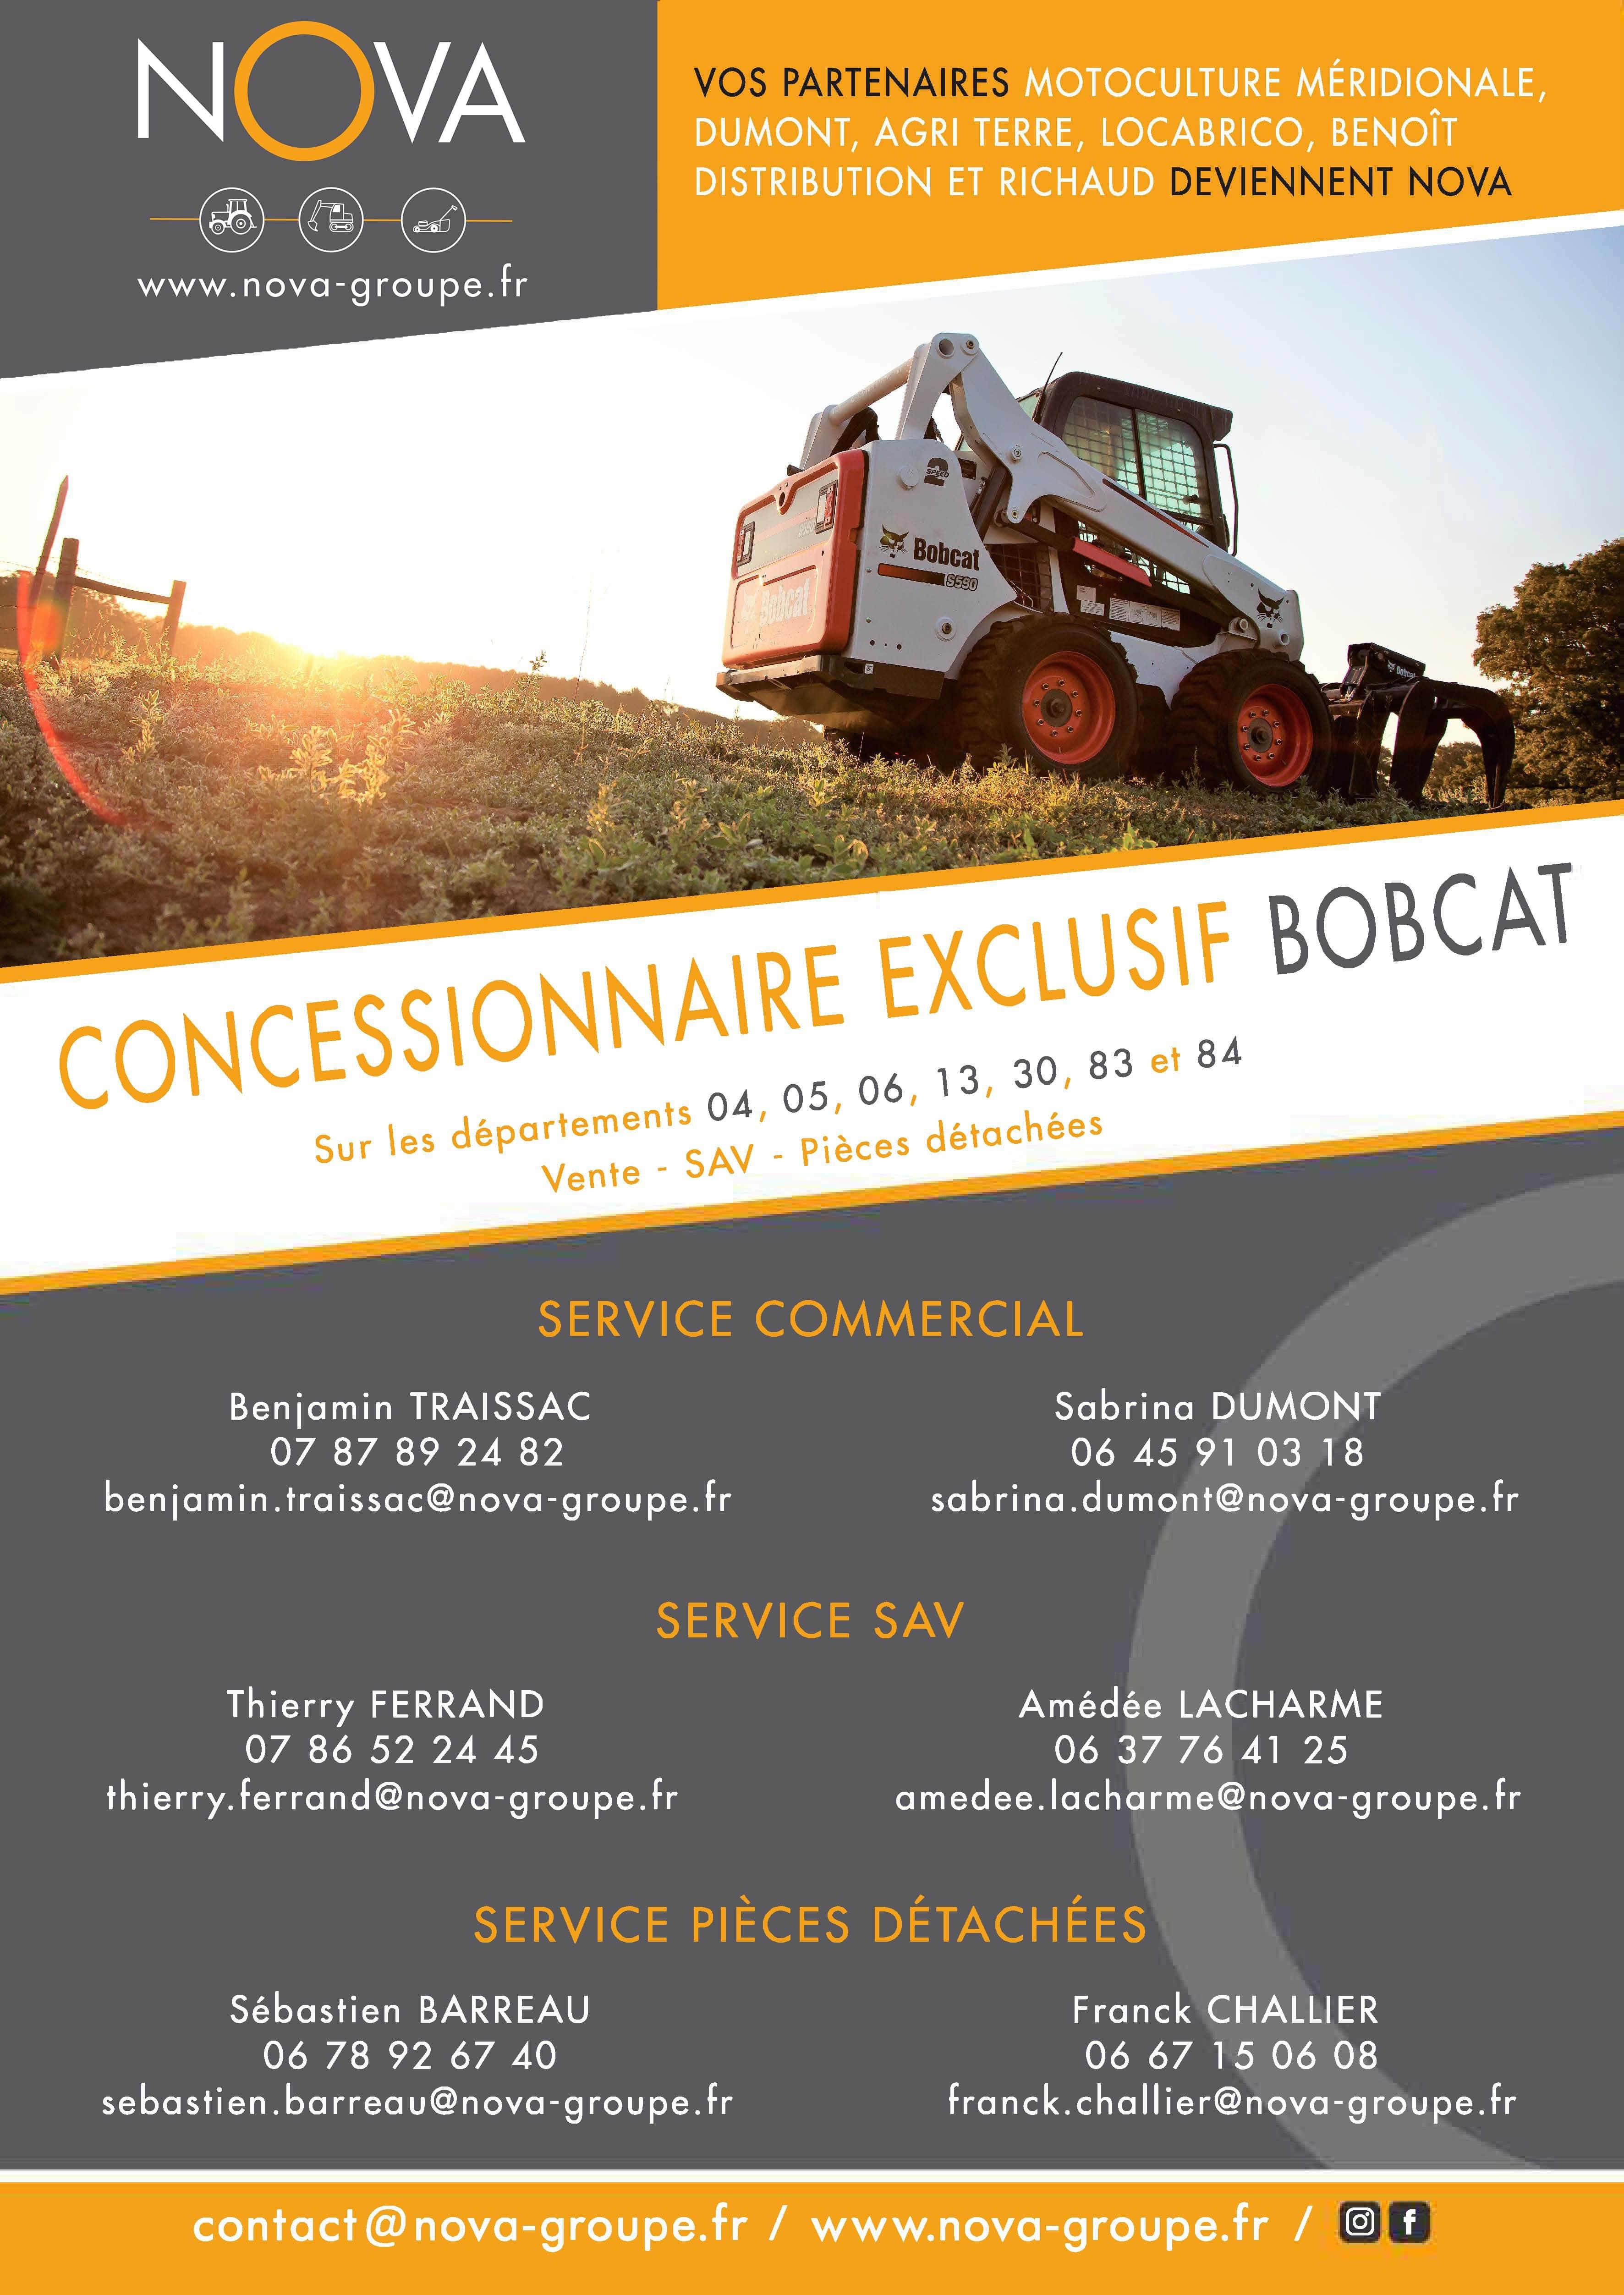 Nova groupe : votre concessionnaire exclusif sur la région paca matériels BOBCAT pour réaliser des travaux chez un particulier ou un professionnel avec votre entreprise secteur Aix Marseille , location à la journée, week end, semaine pro et particulier chez nova.